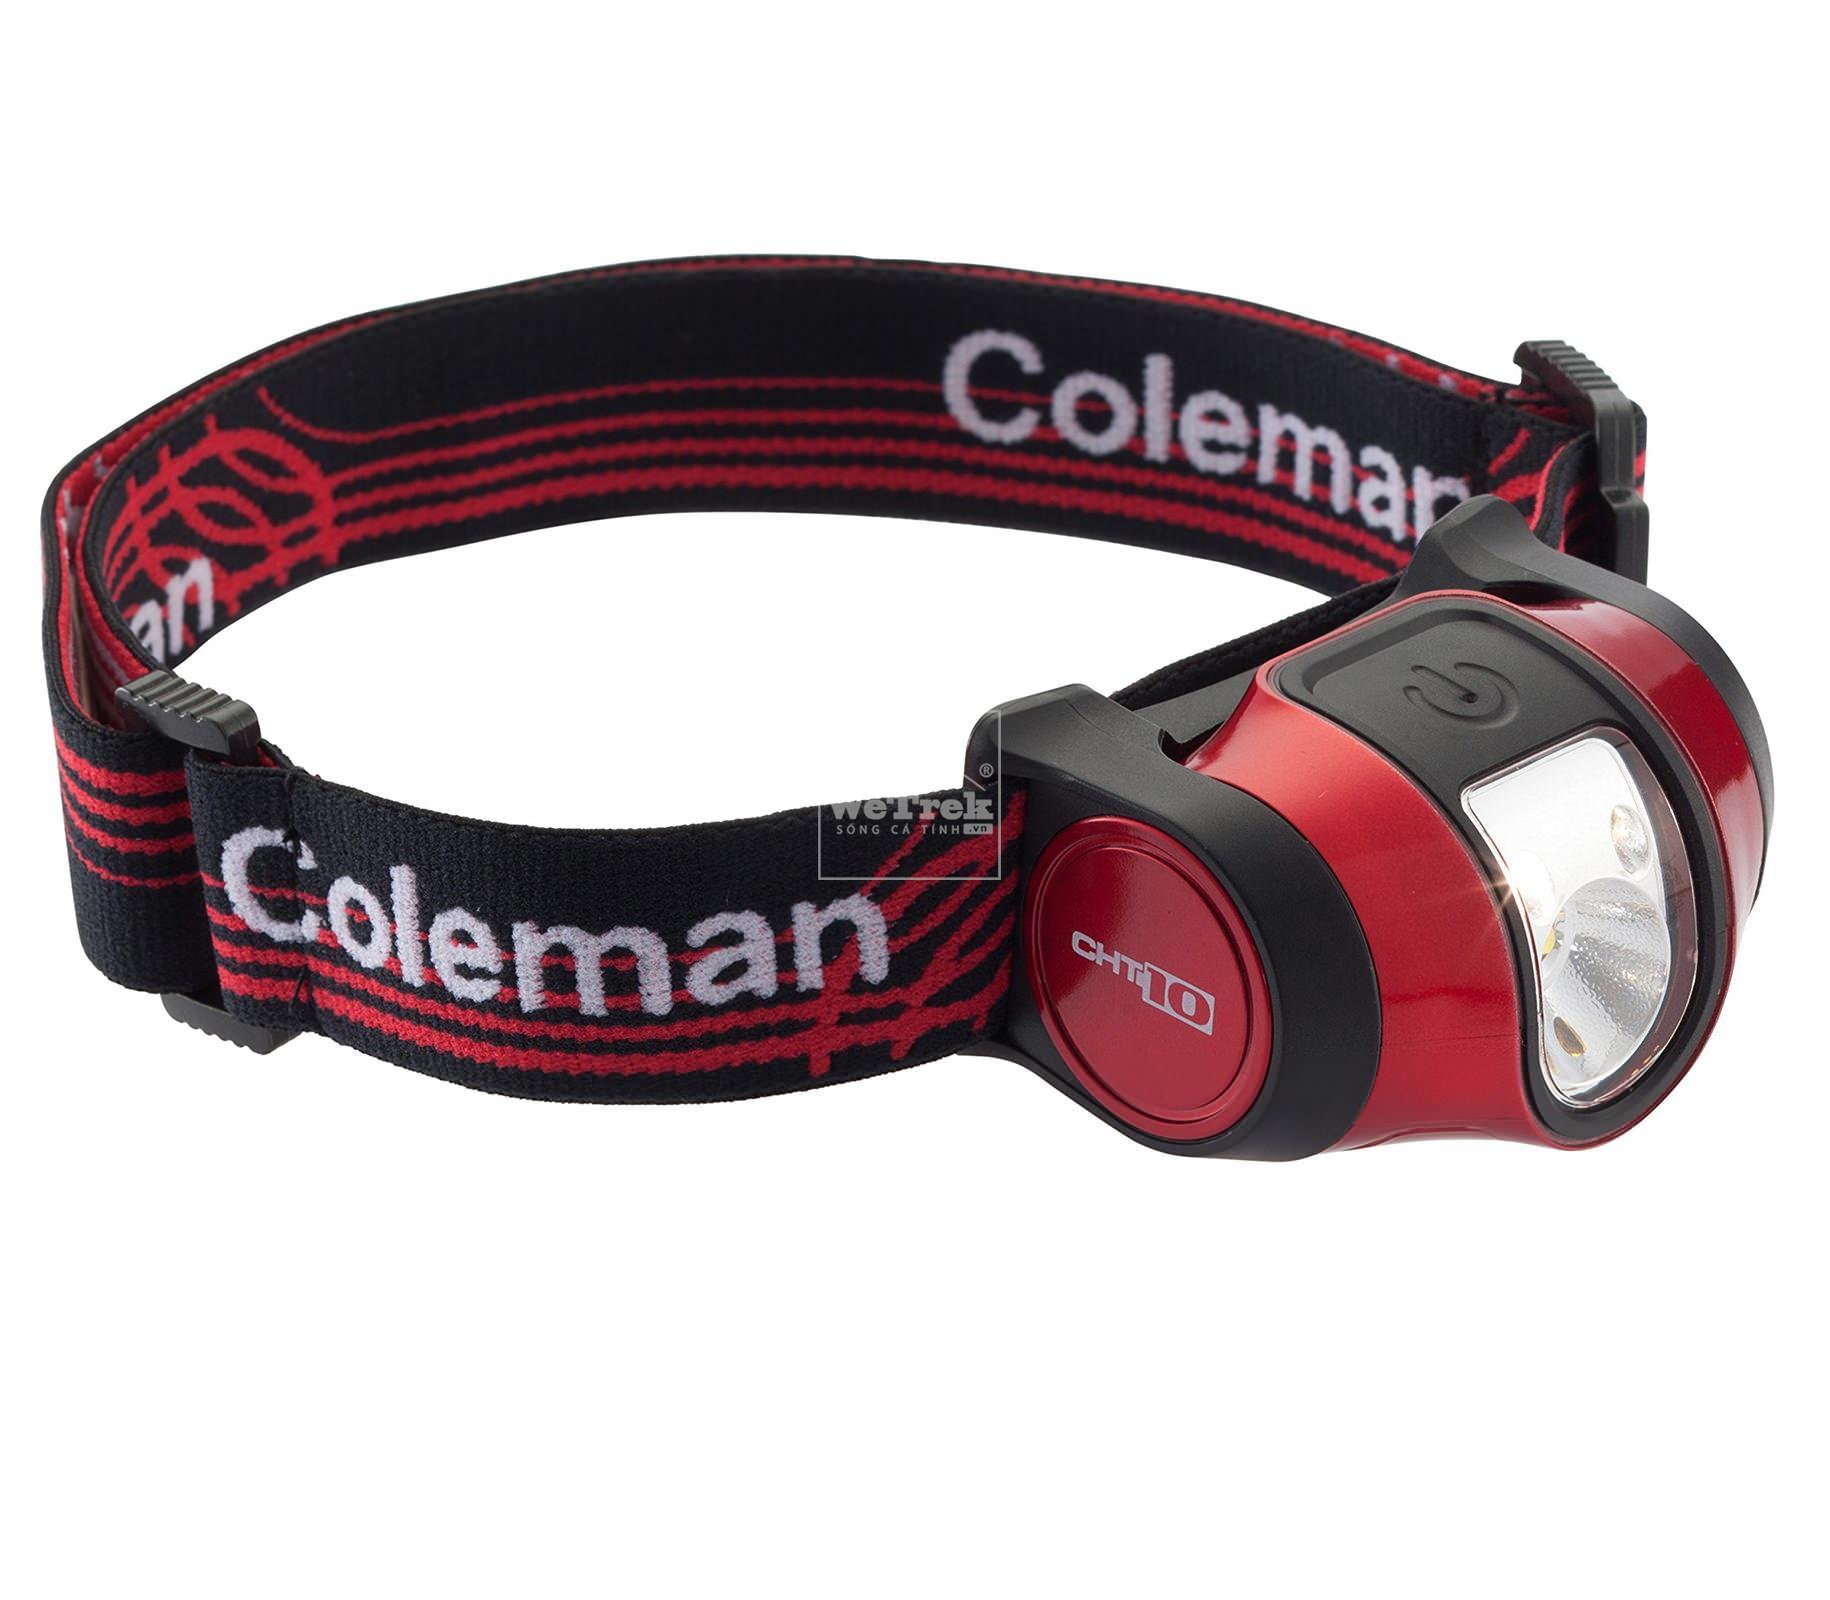 Đèn dây đeo trán Coleman Headlamp CHT10 Extreme II - 2000022286 - 5937 Đỏ đen